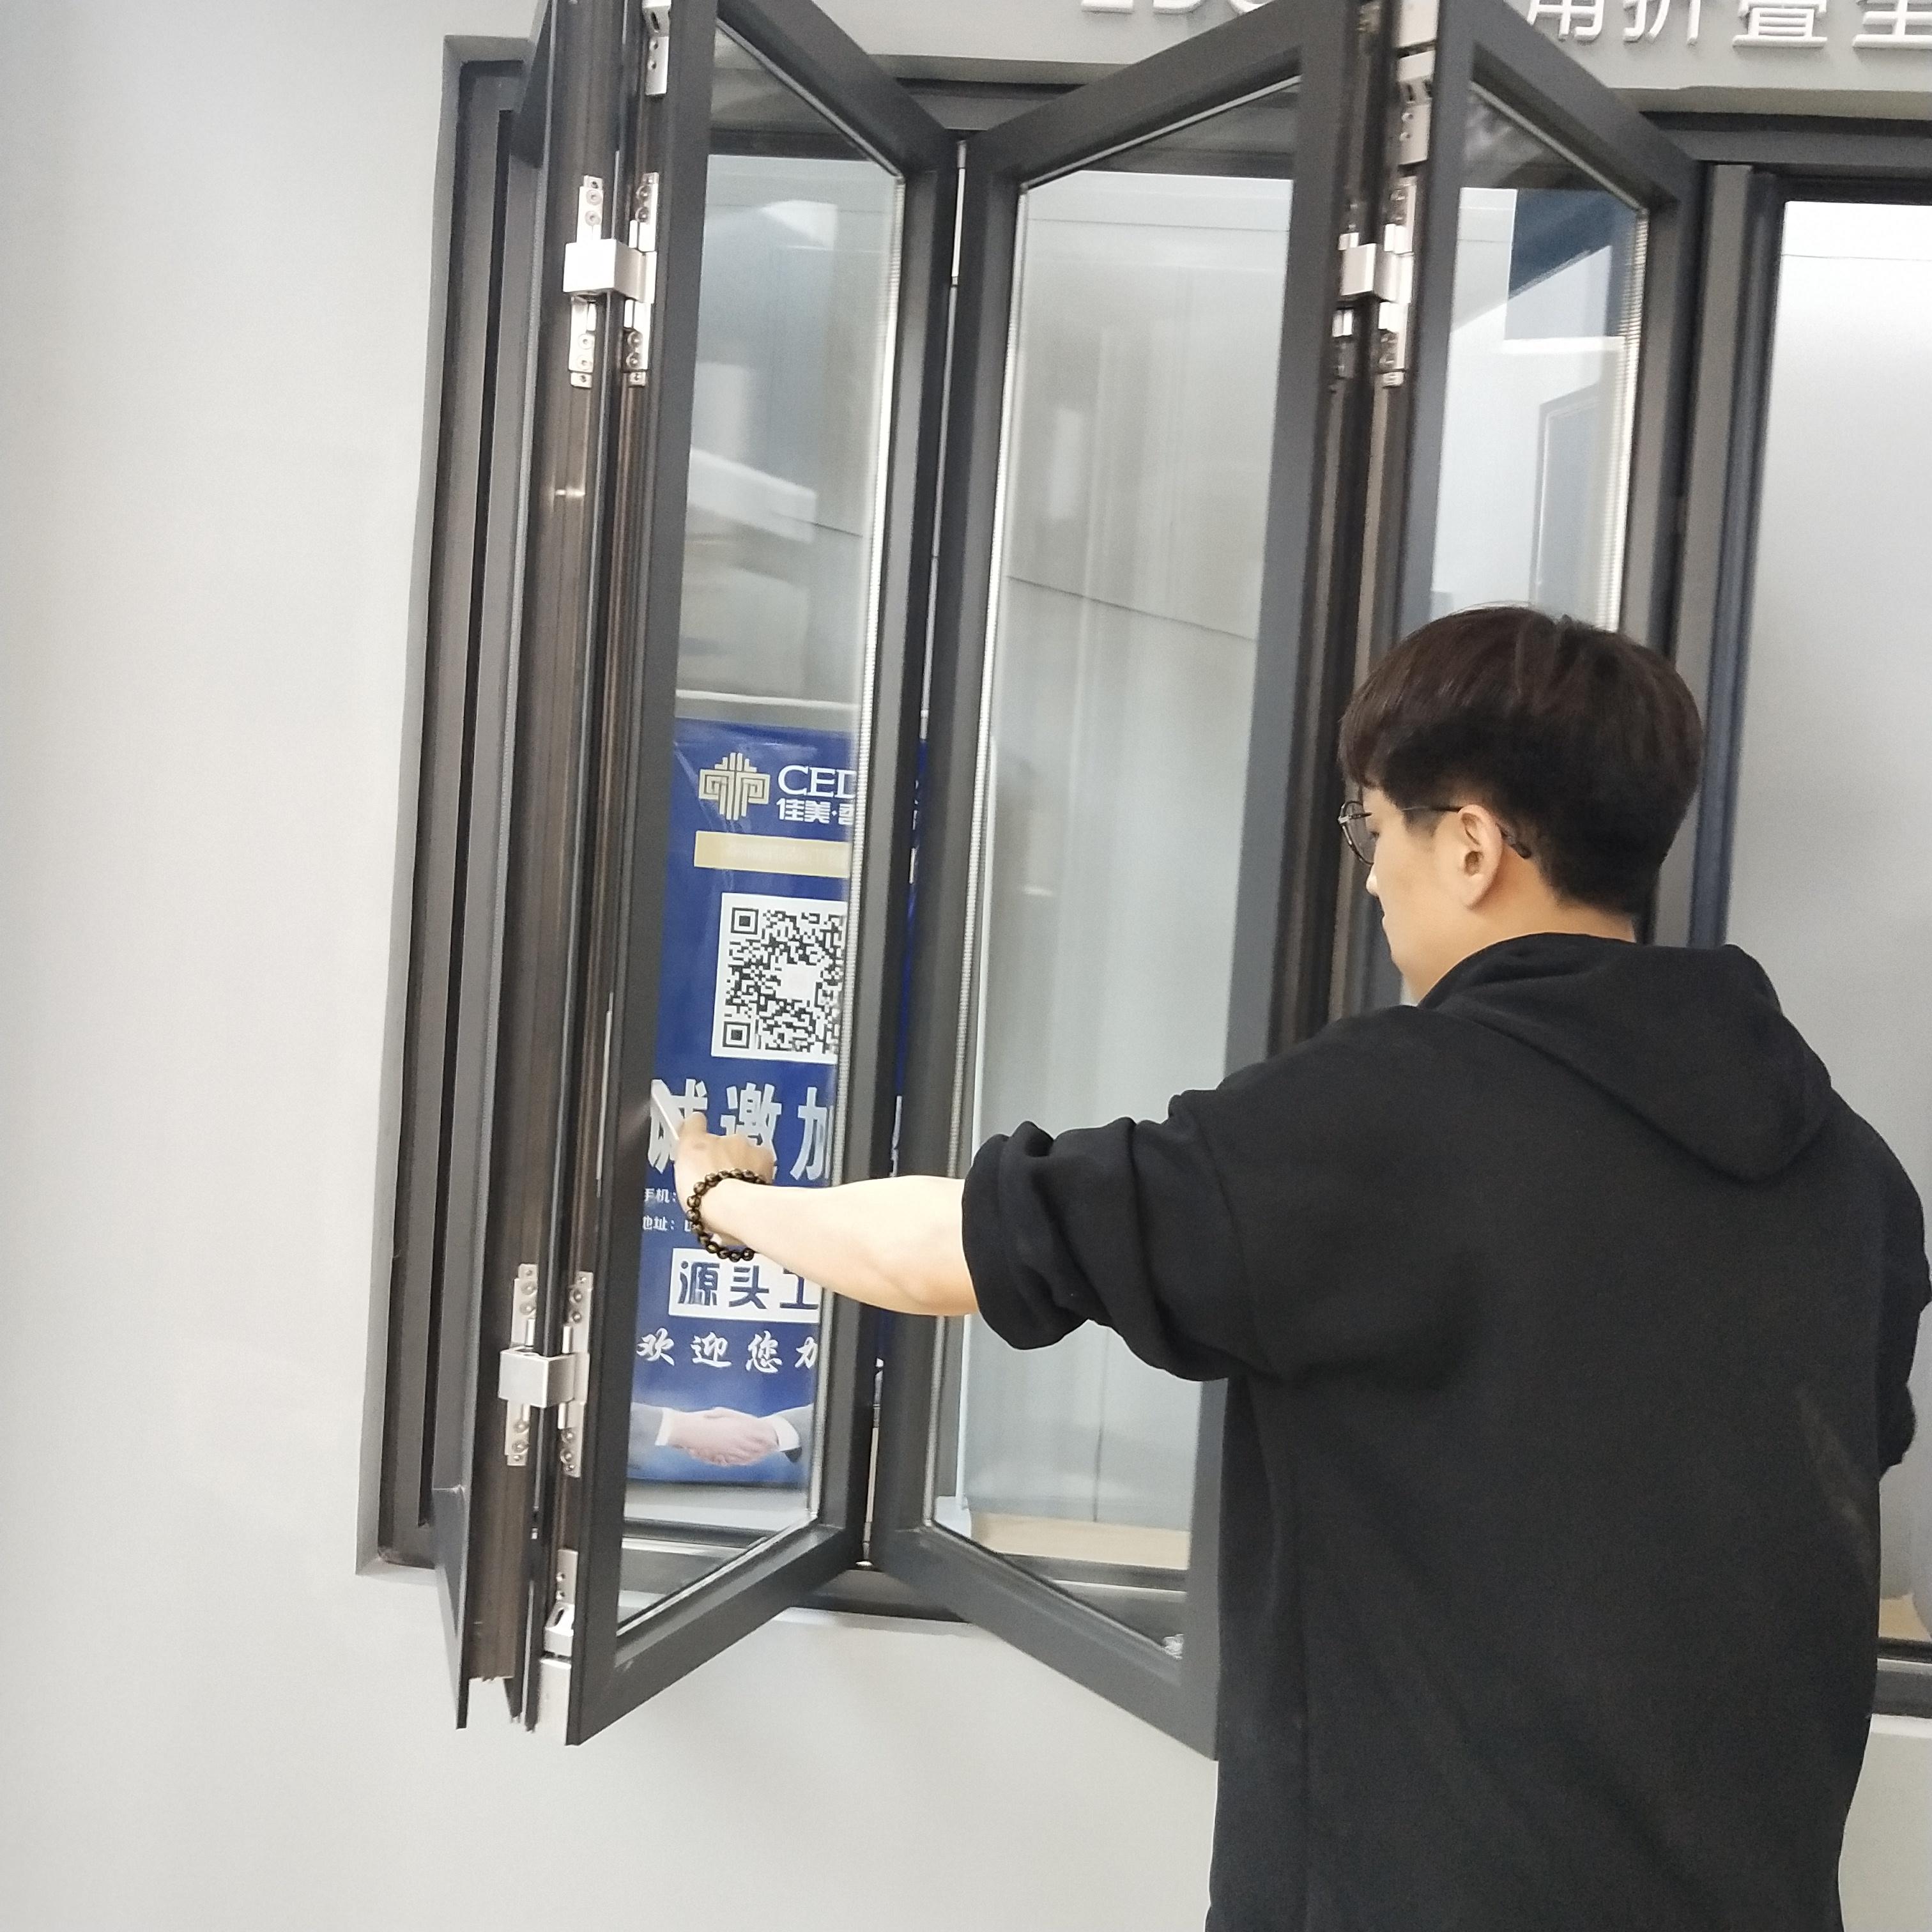 고품질 플랫 천공 알루미늄 파티오 돔 강화 pergola 개폐식 유리 지붕 가격